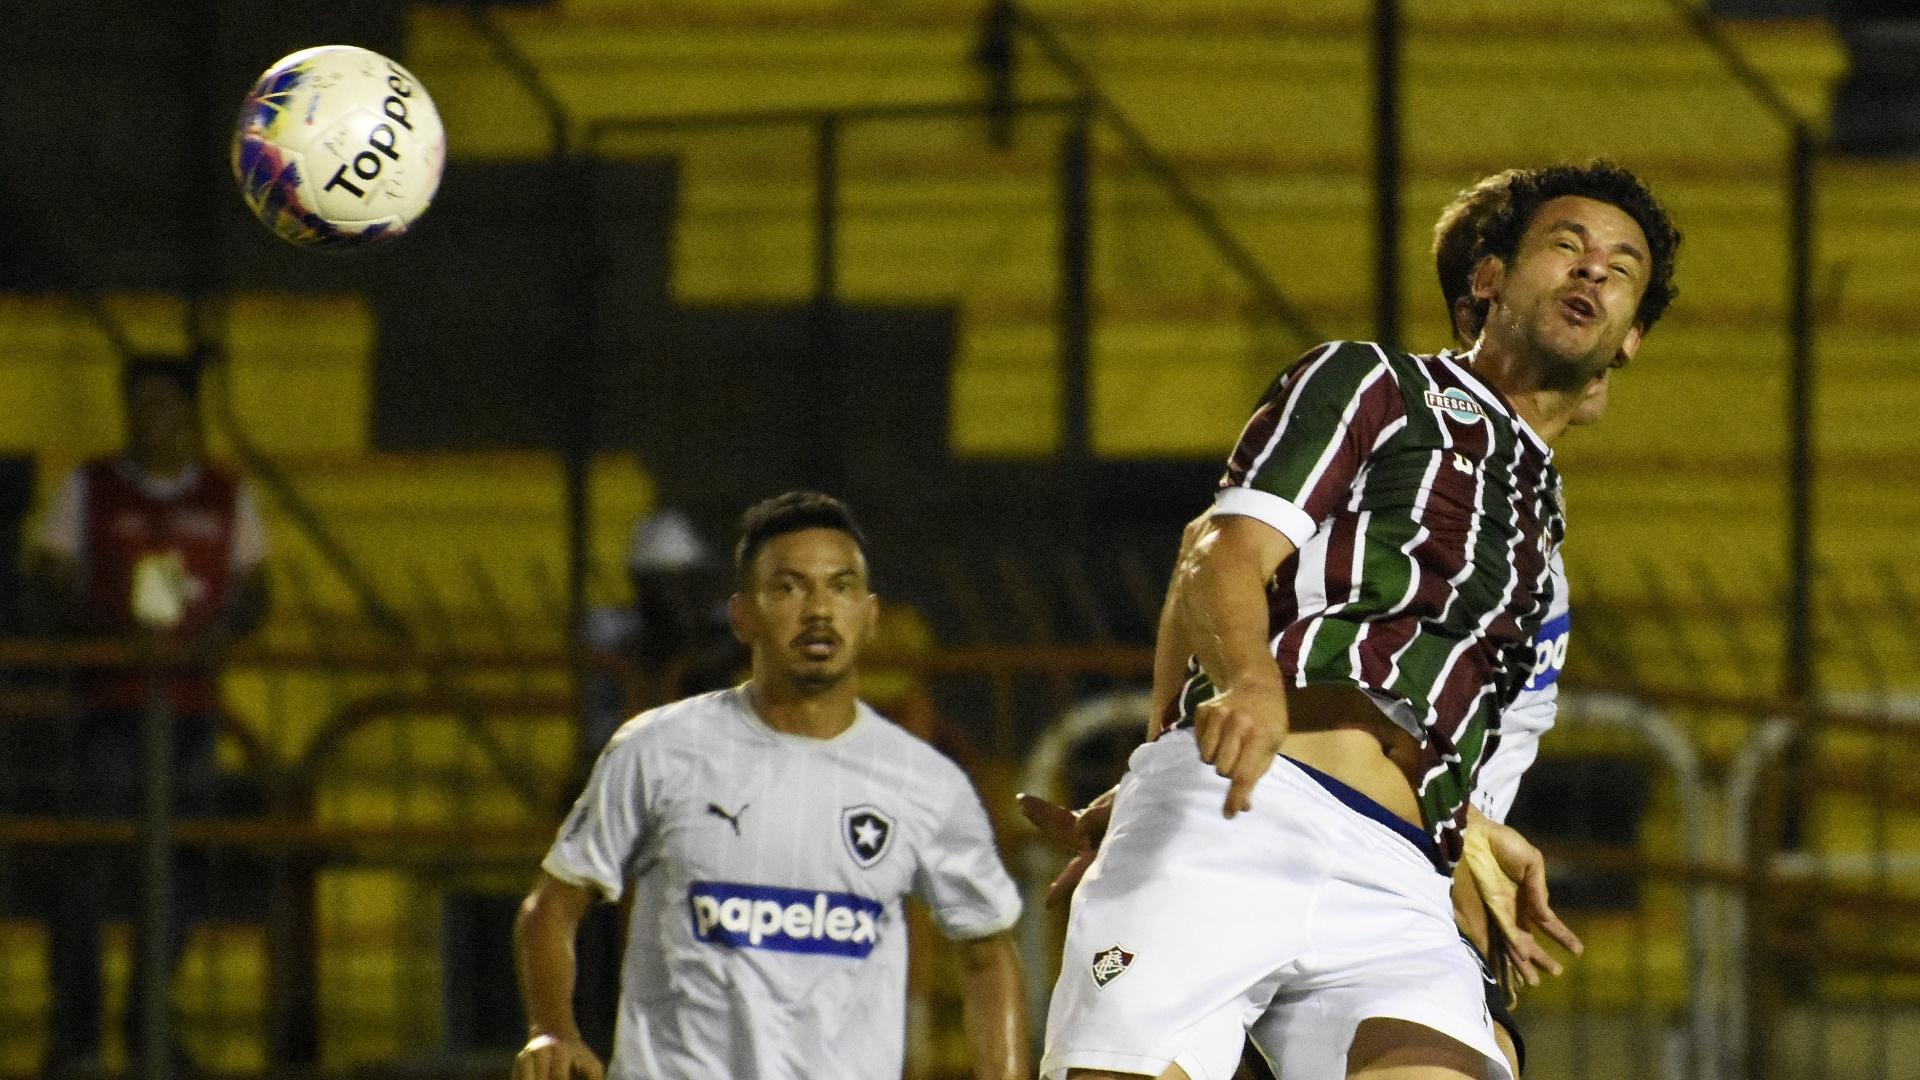 Fred disputa bola na partida do Fluminense contra o Botafogo, pelo Campeonato Carioca